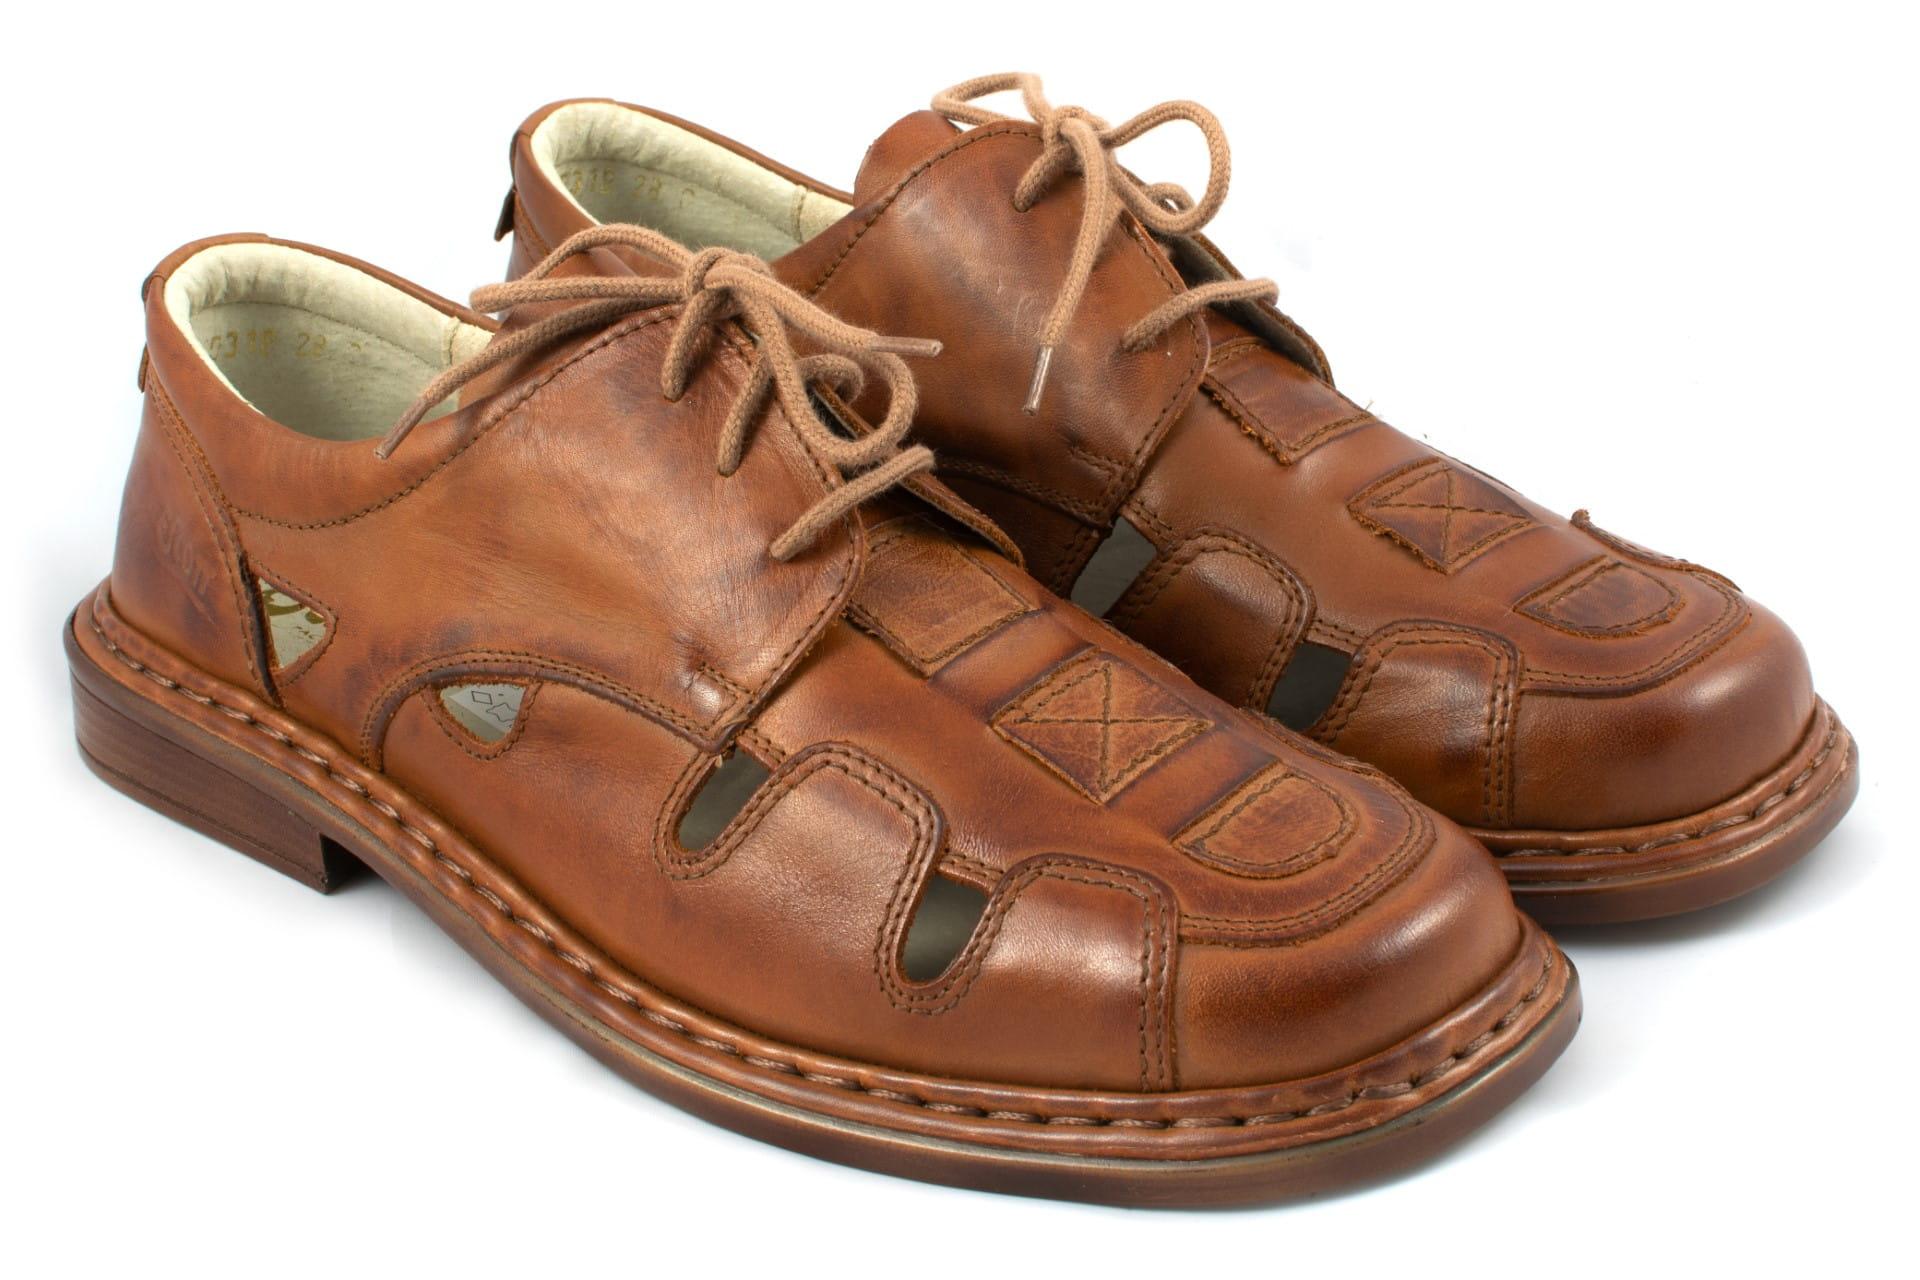 sandały skórzane męskie klasyczne obowie